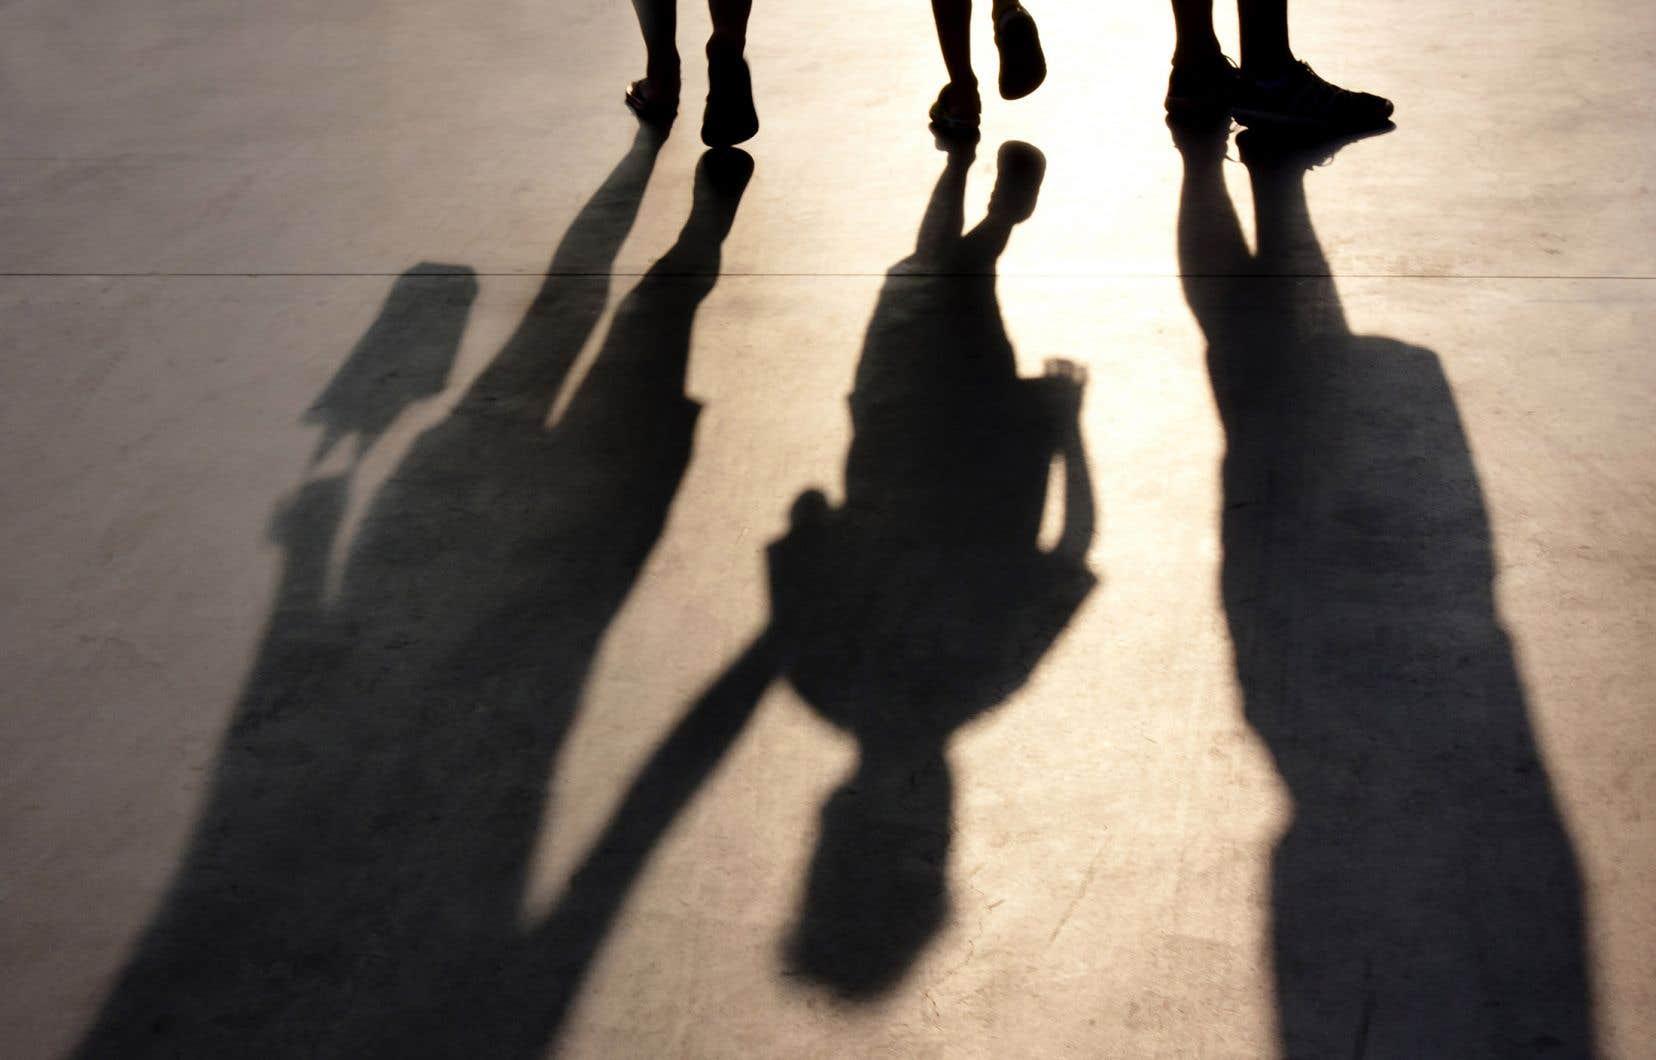 L'étude note que les signalements se sont particulièrement accélérés suite à la refonte de la loi sur la Direction de la protection de la jeunesse (DPJ) en 2007.